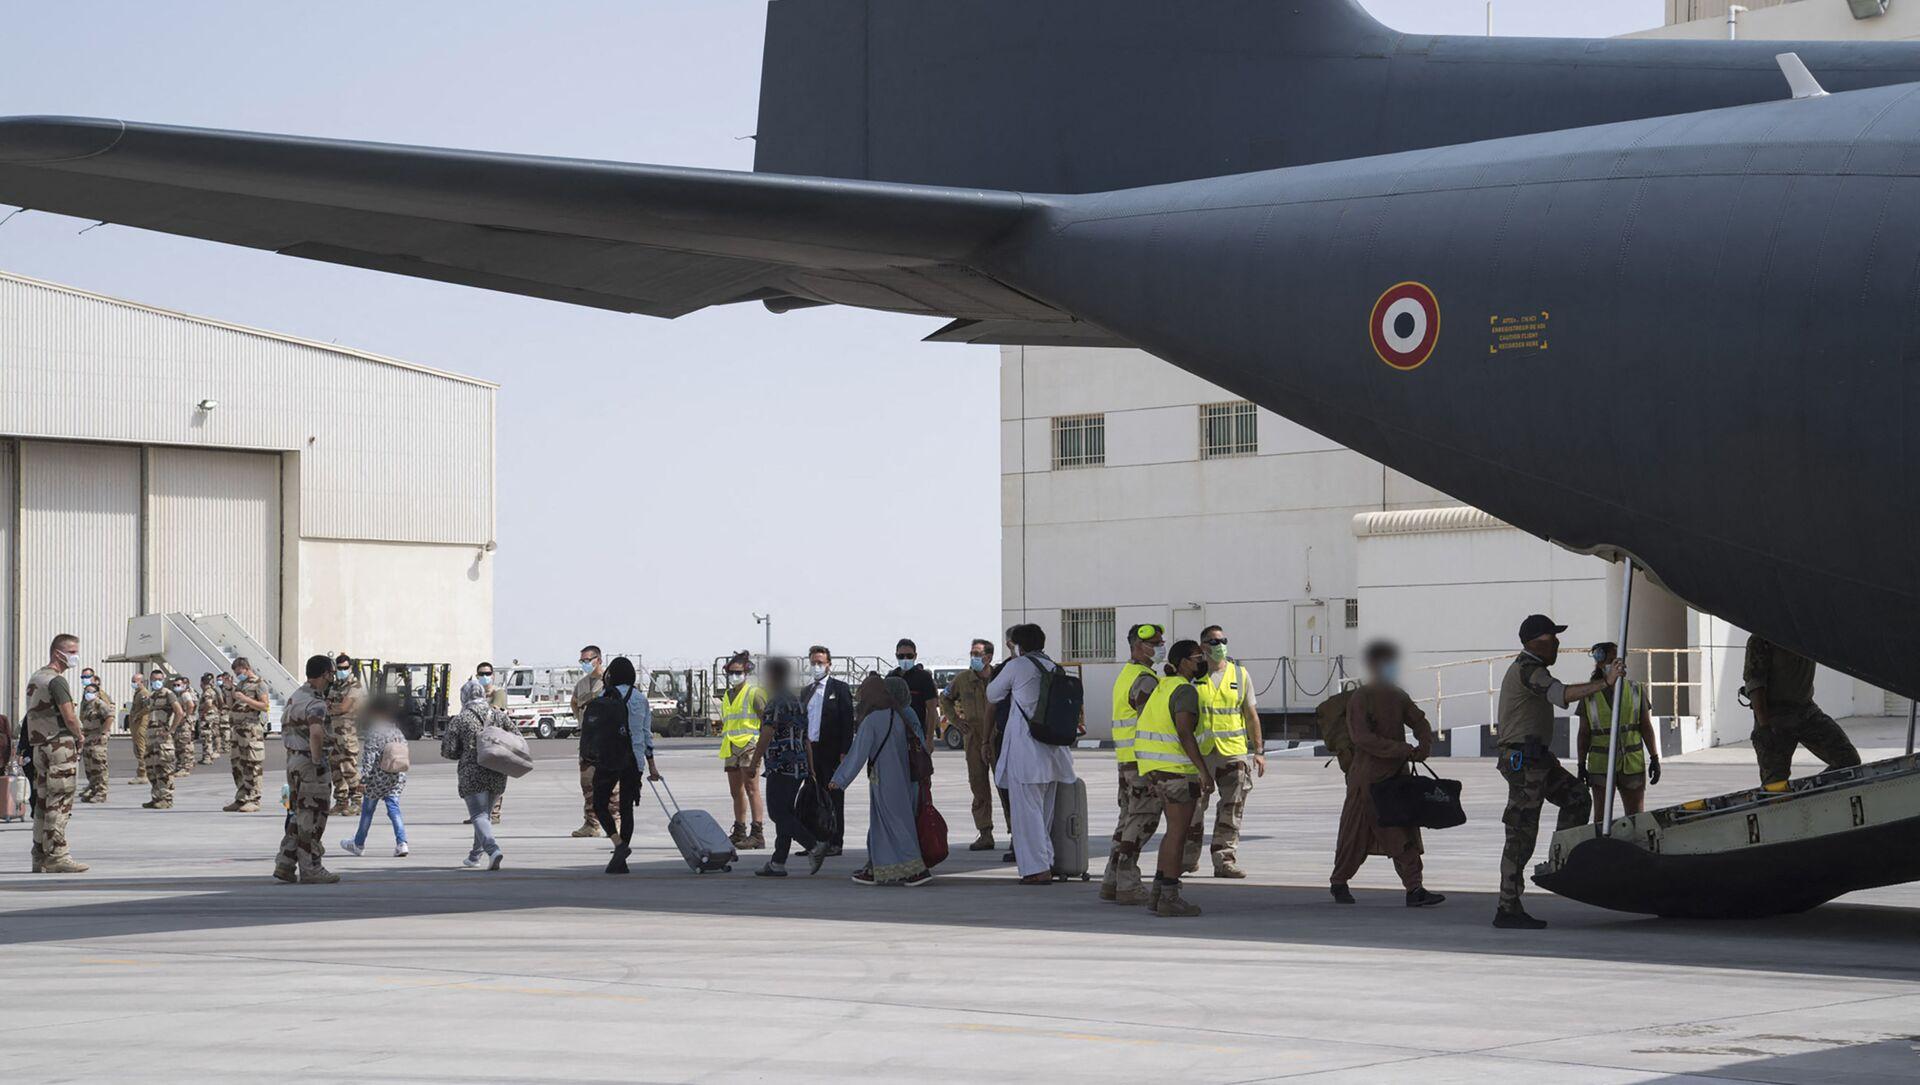 Des personnes ramenées de Kaboul à Abou-Dabi au bord d'un avion militaire français C130  - Sputnik France, 1920, 21.08.2021